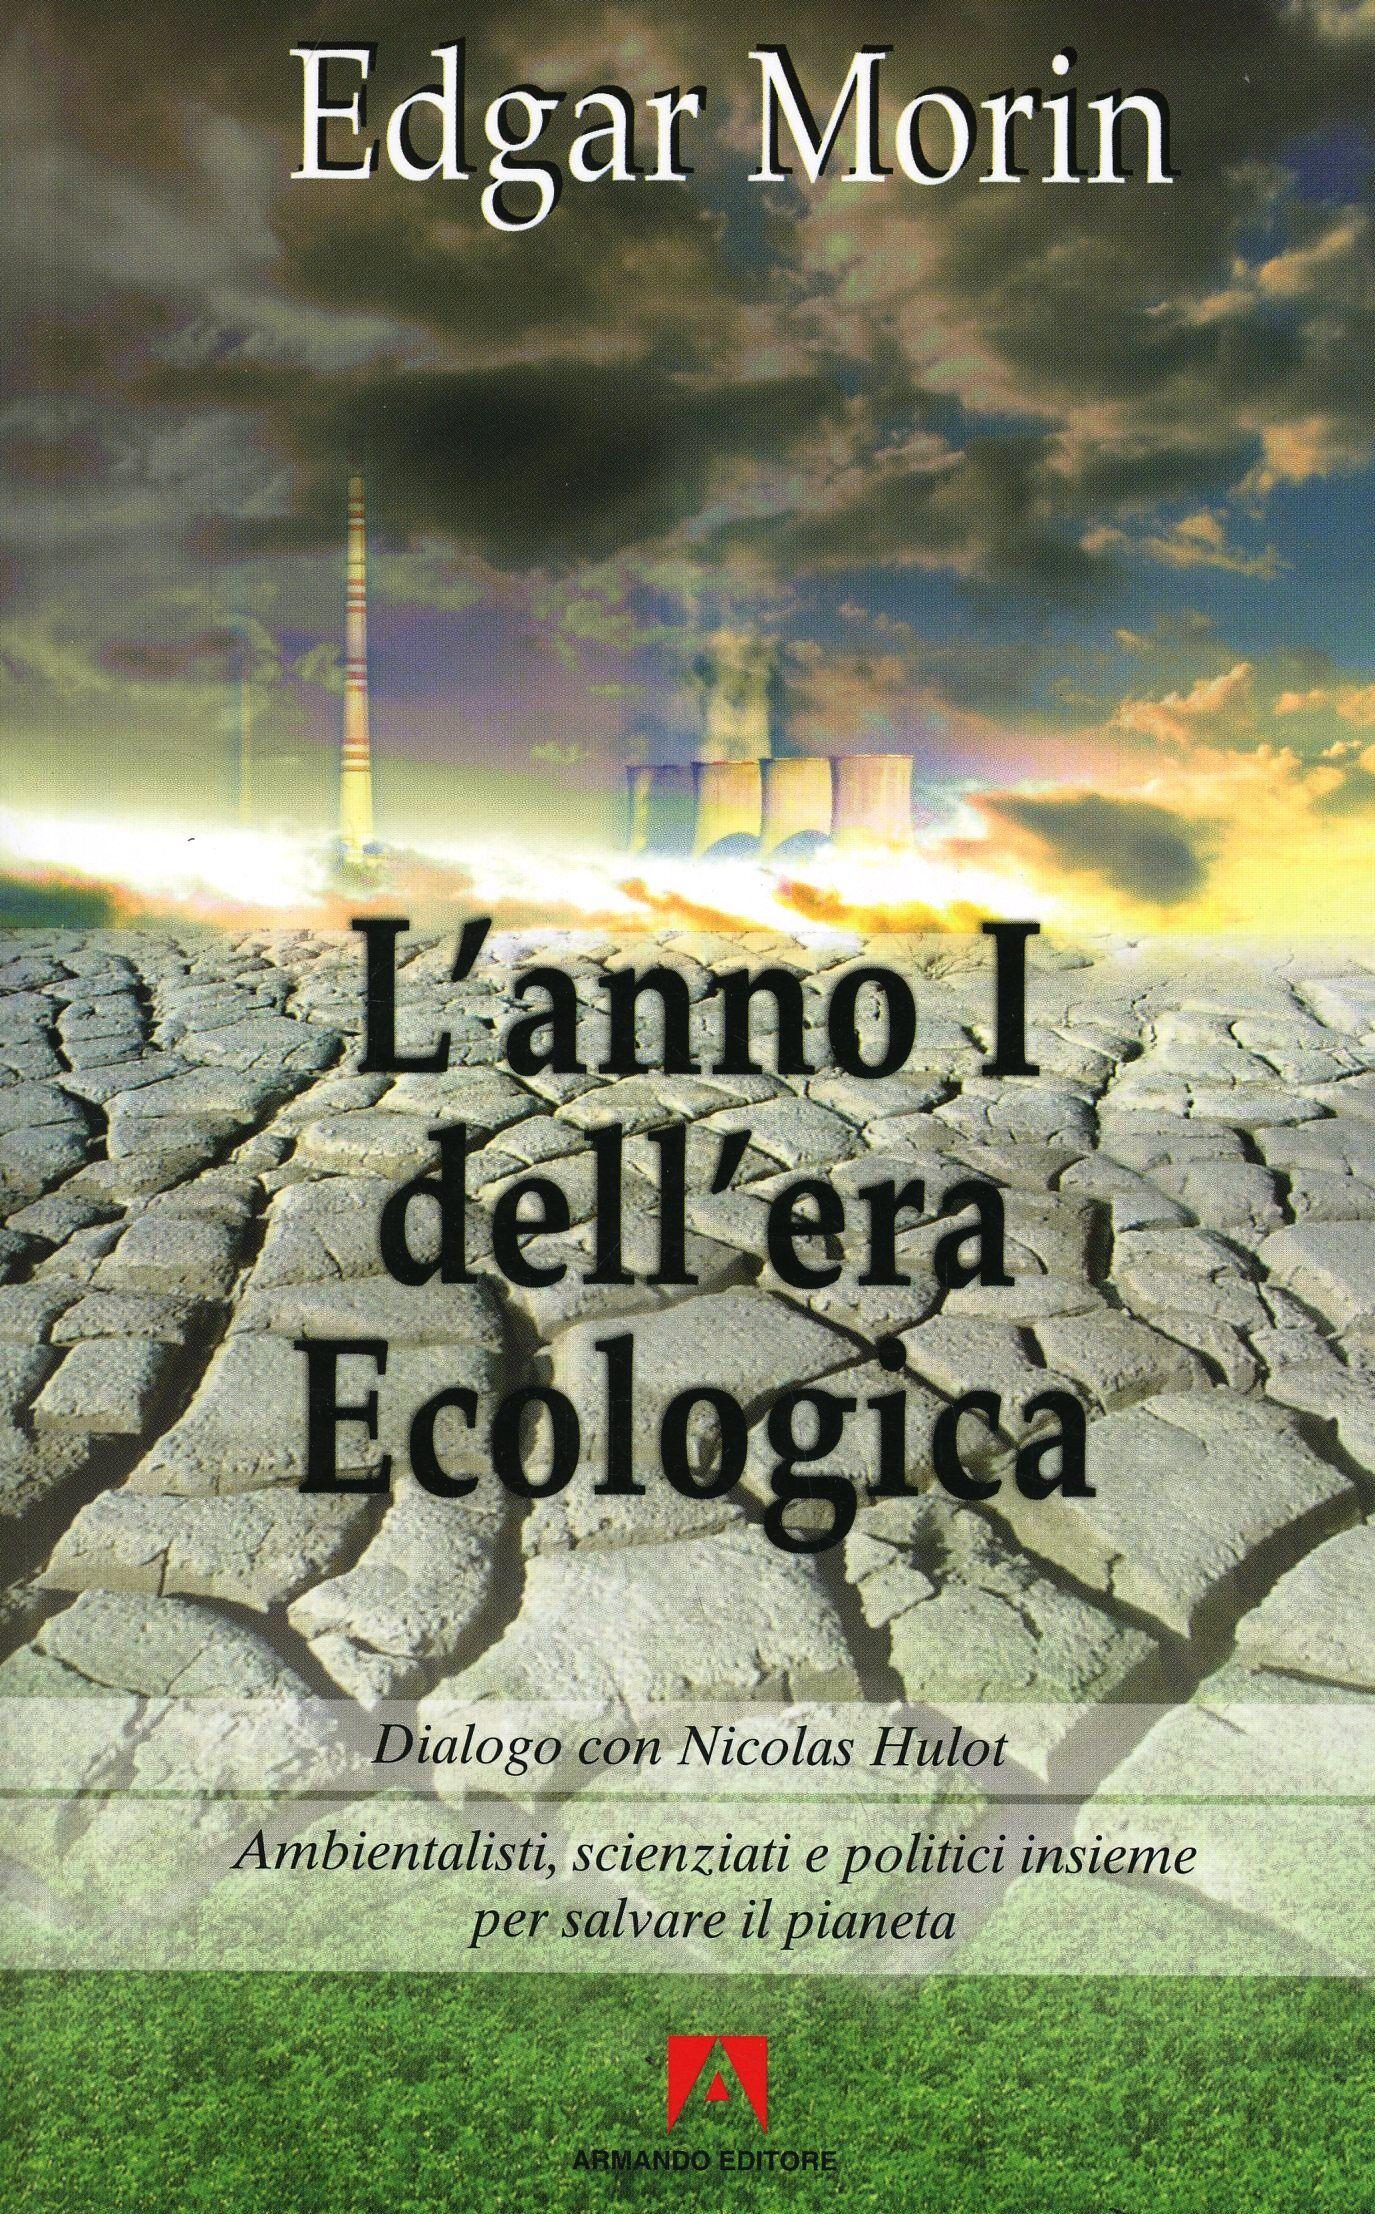 L' anno I dell'era ecologica